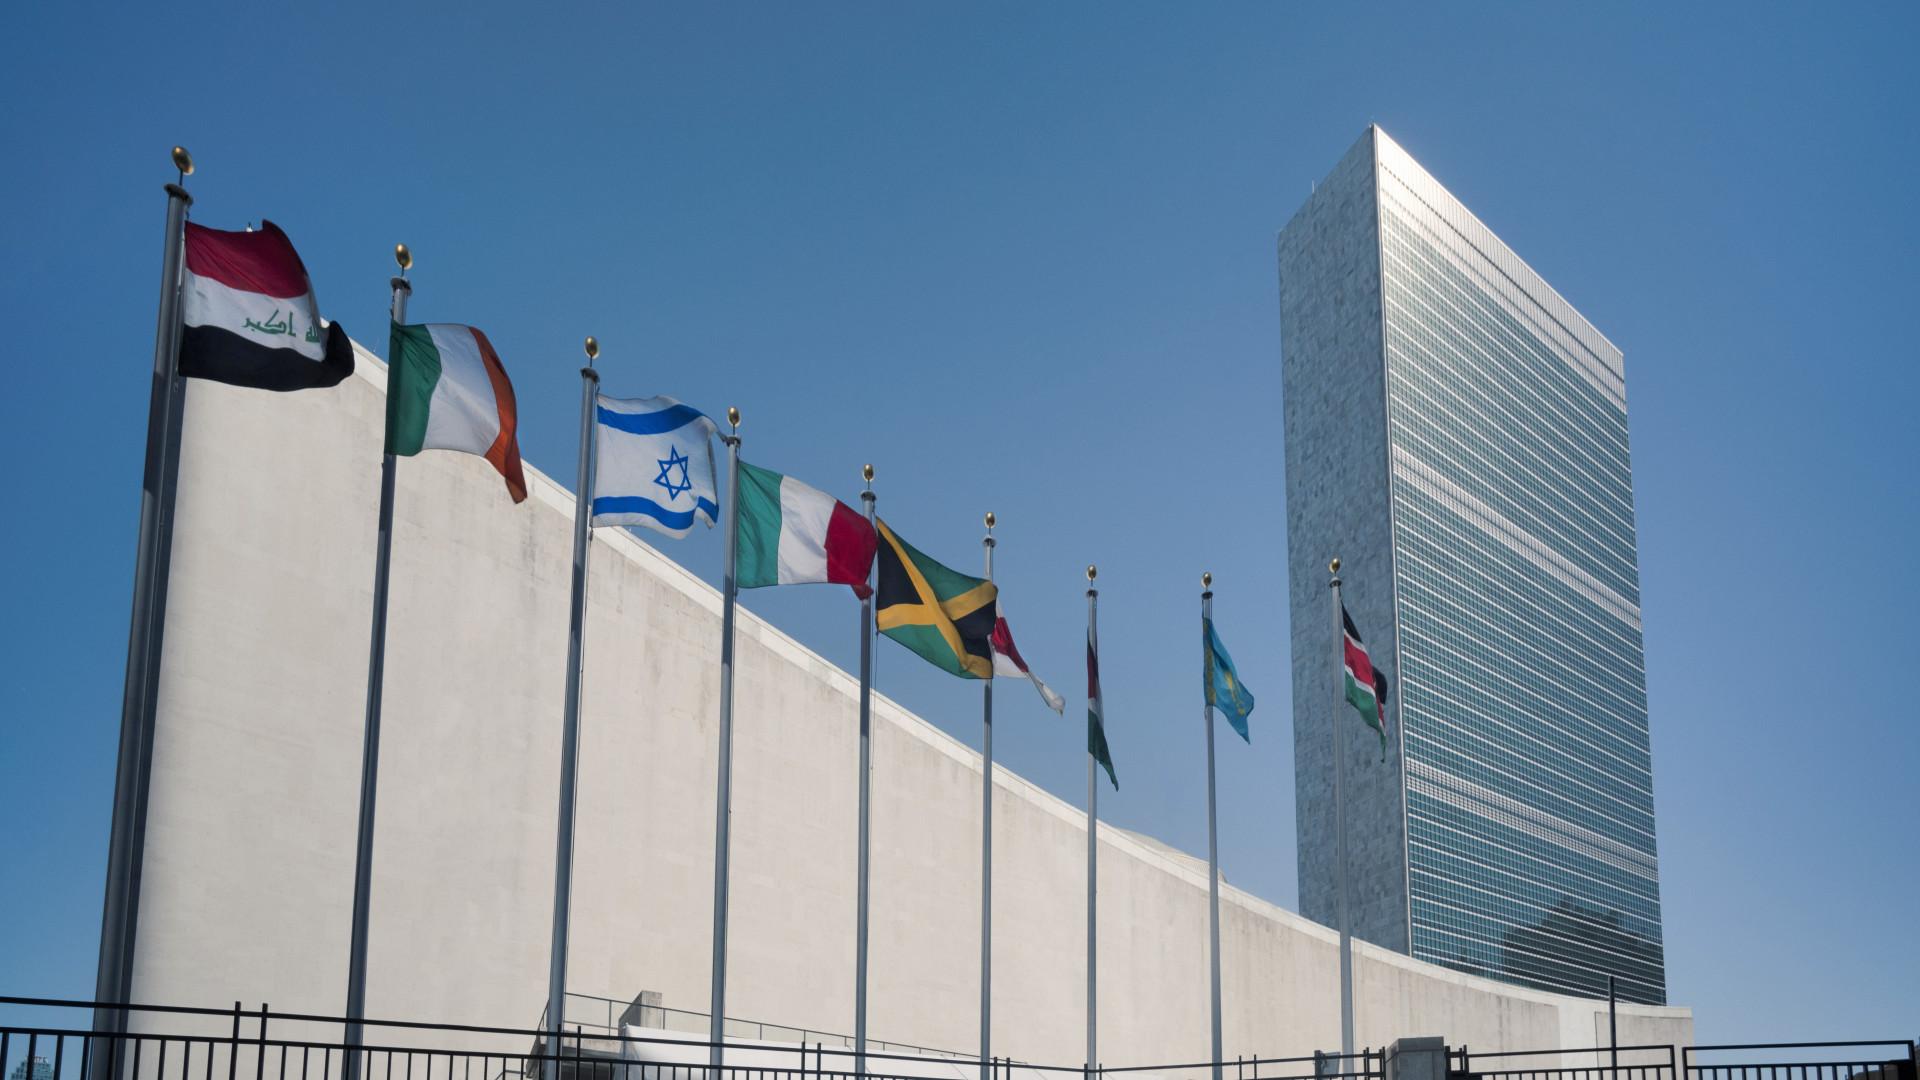 Jövő márciusig meghosszabbították az ENSZ afganisztáni missziójának mandátumát